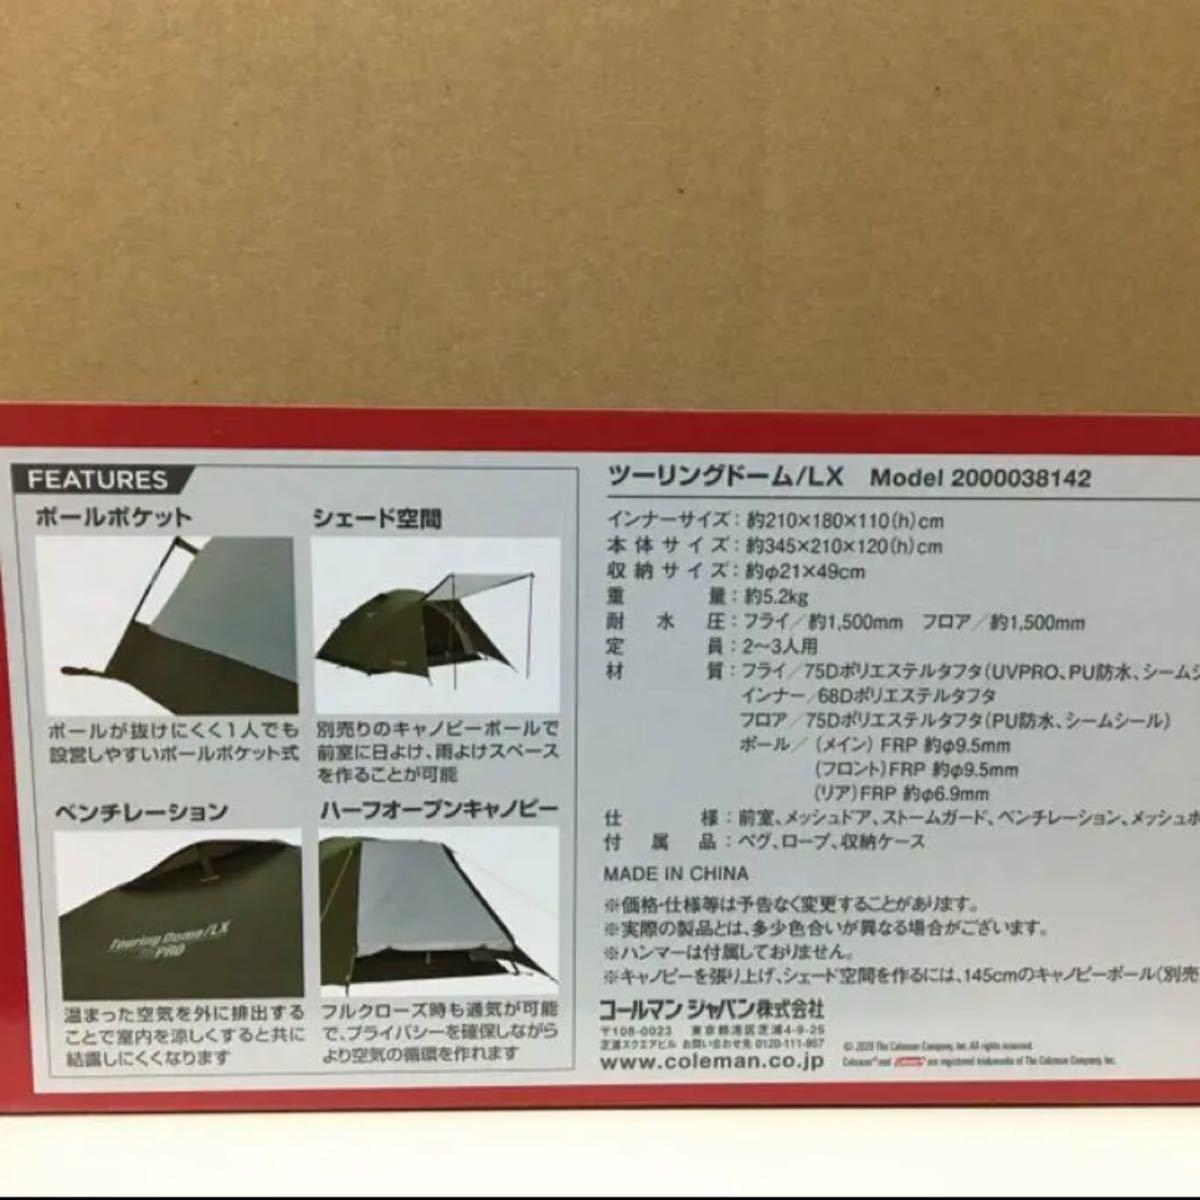 【新品・未開封】Coleman コールマン ツーリングドーム/LX  オリーブ